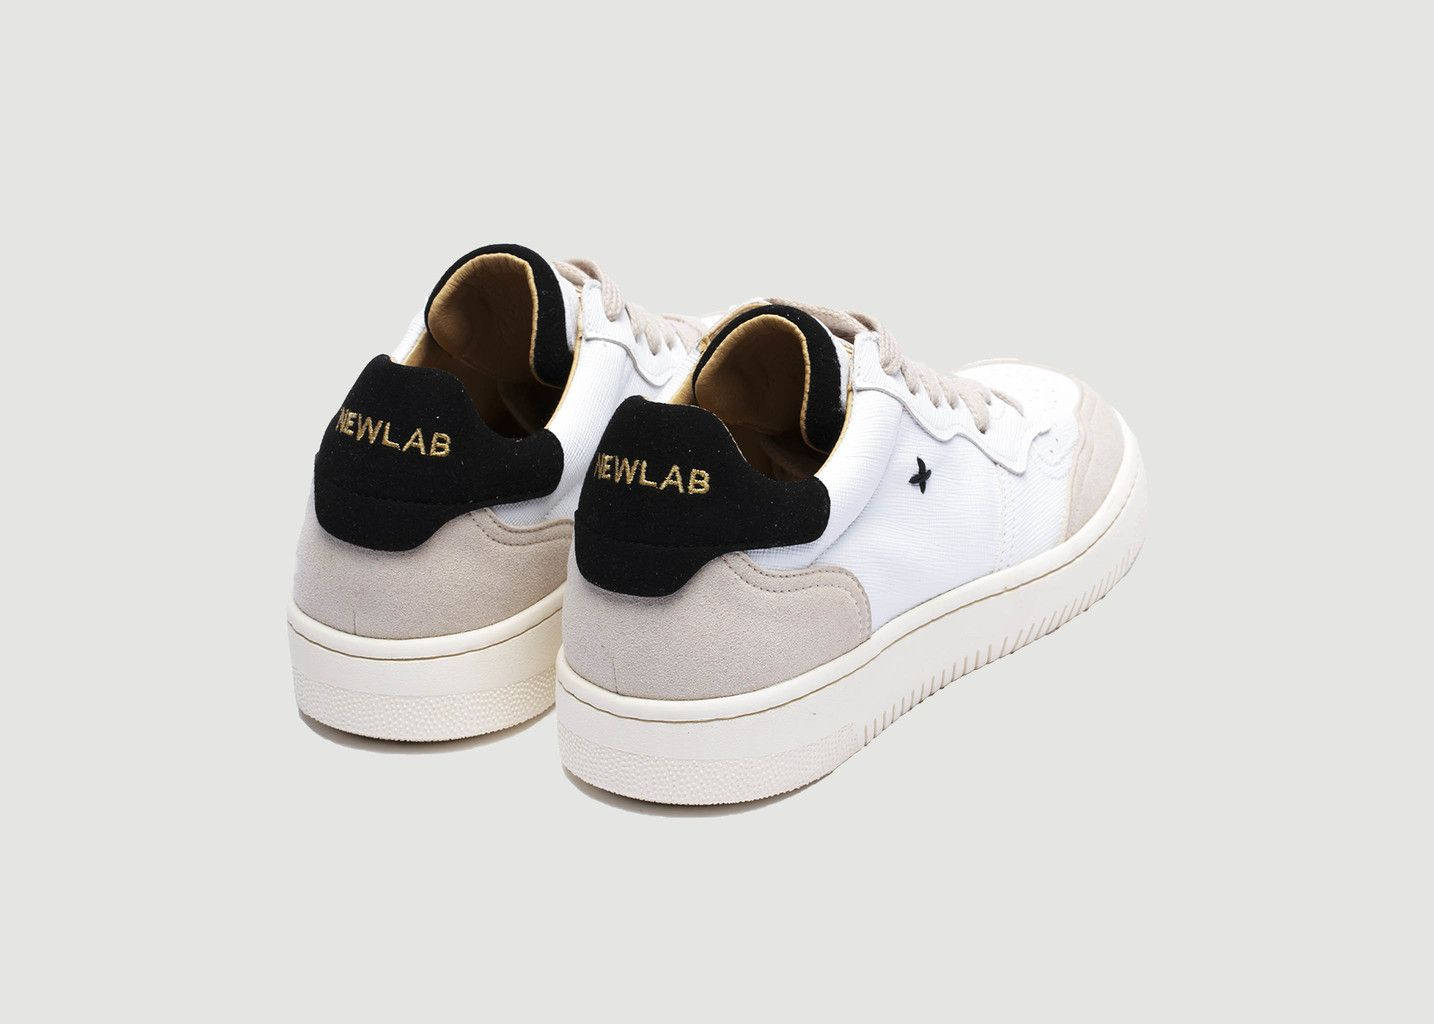 Sneakers NL11 - Newlab